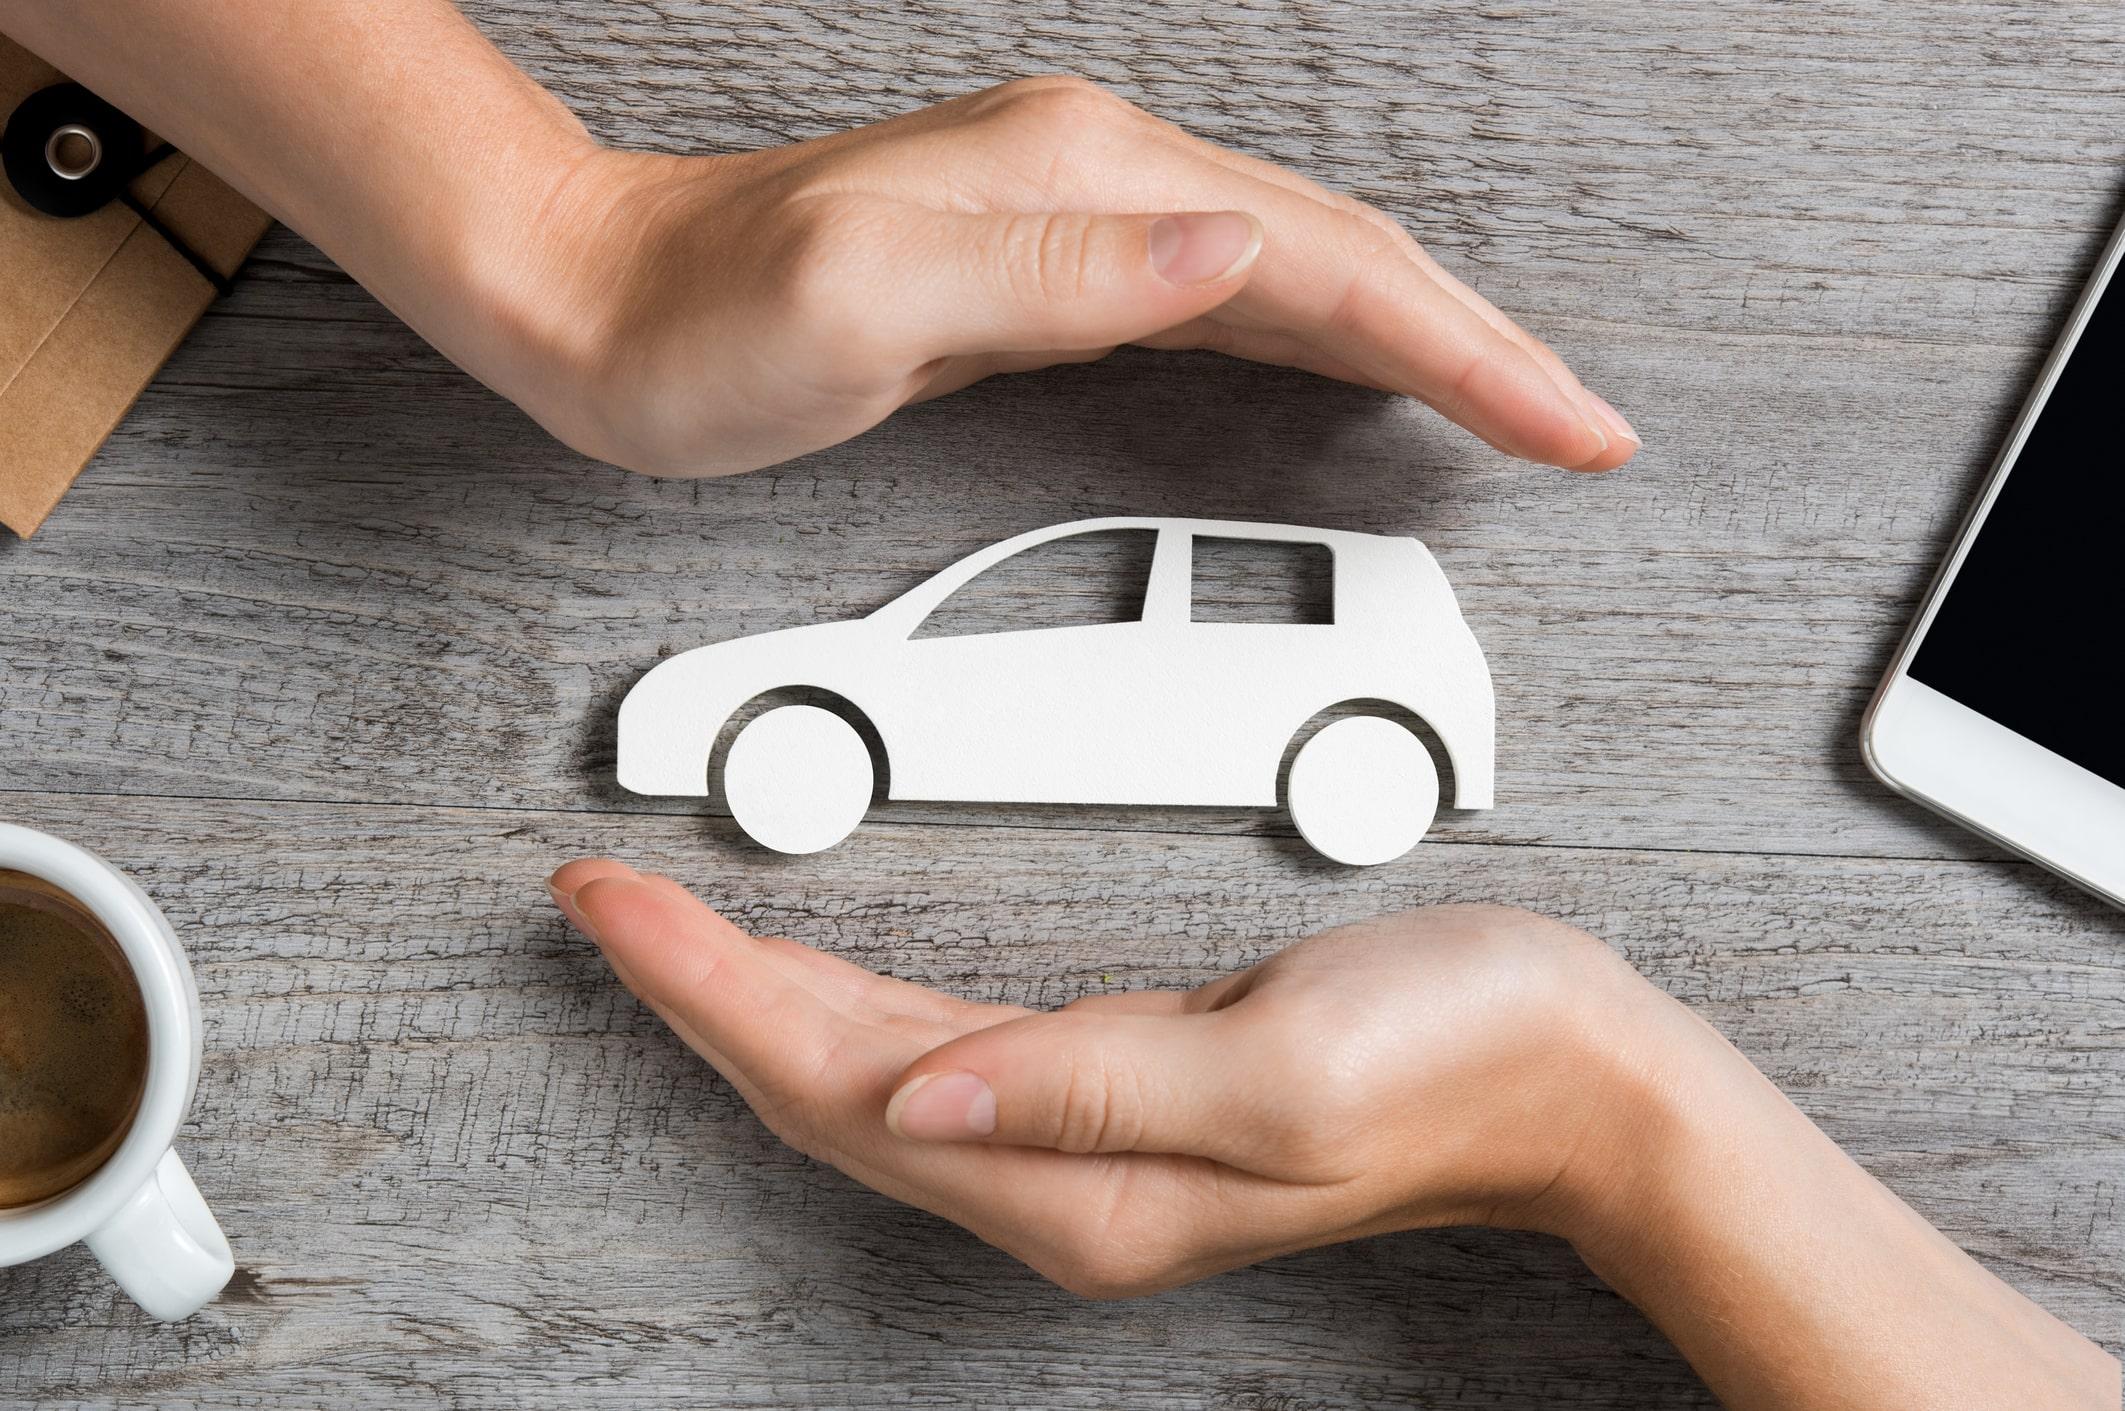 Image temporaire - assurance auto